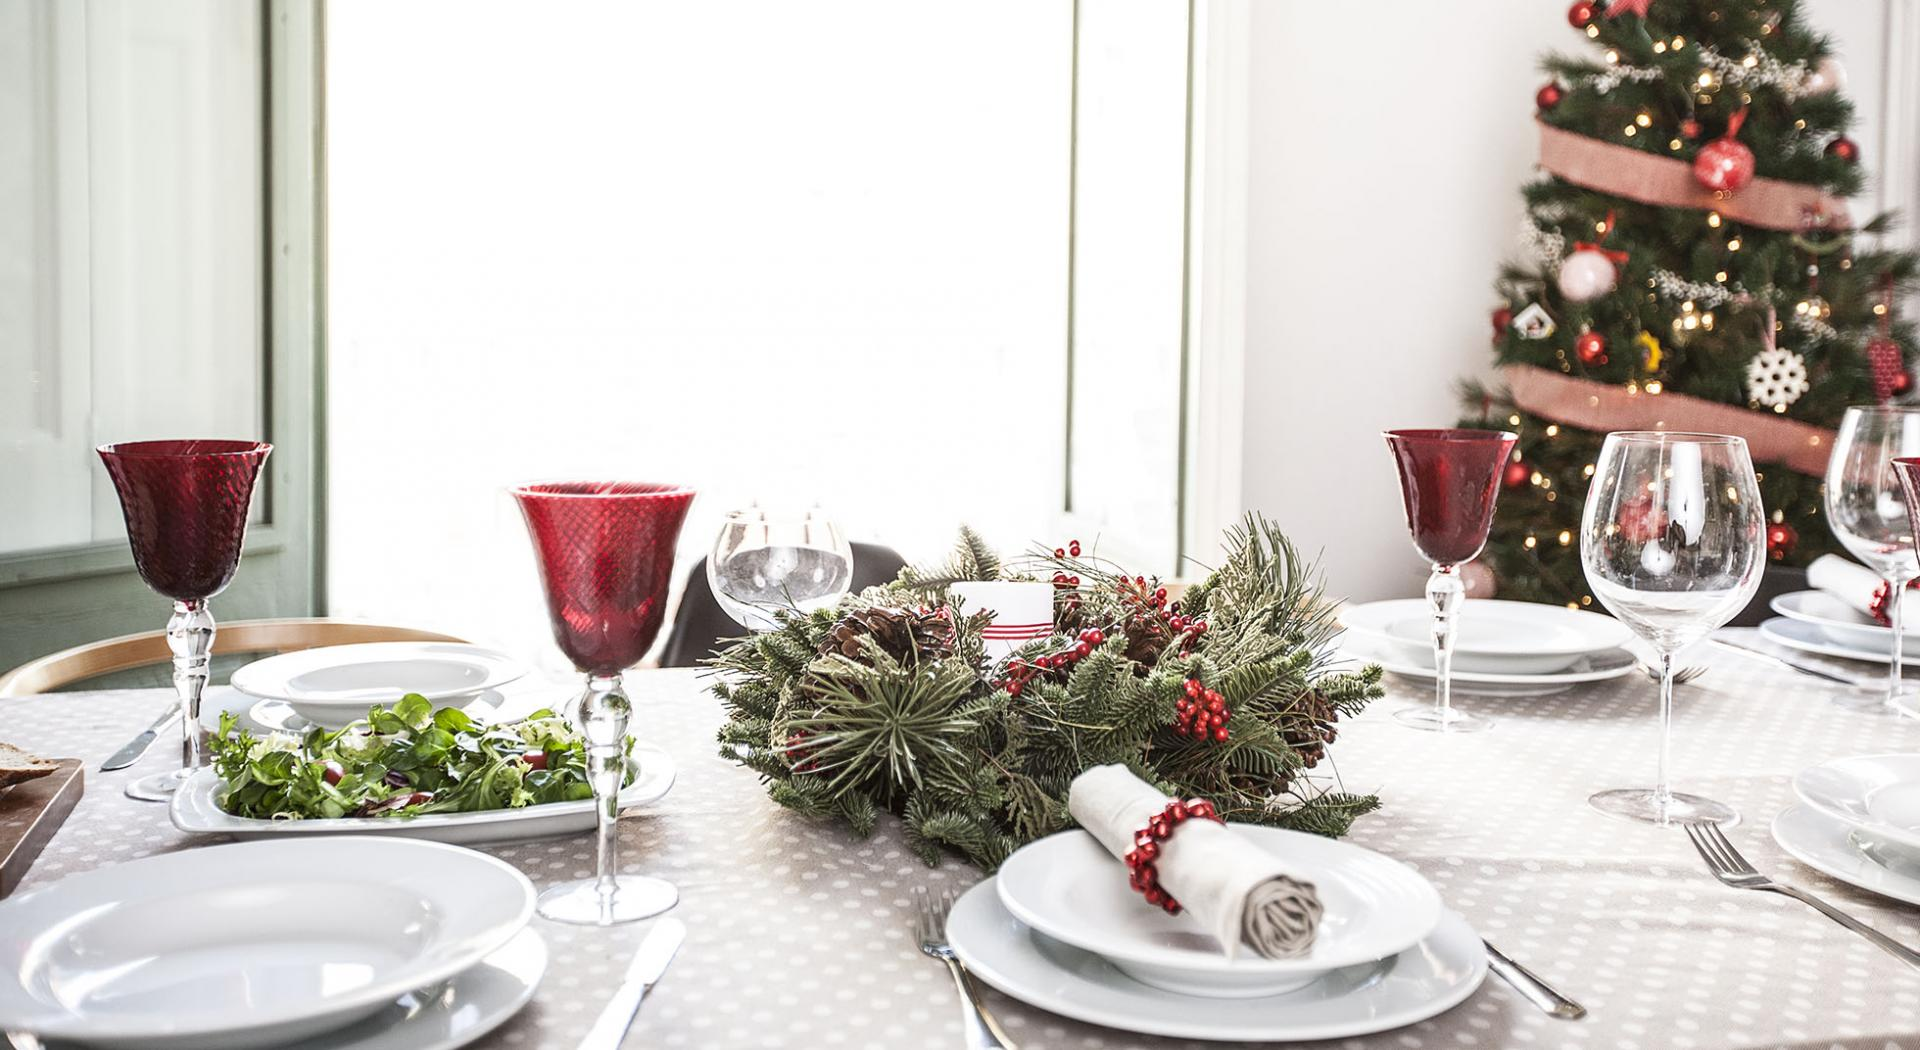 Arredare Tavola Natale come apparecchiare la tavola di natale tradizionale | aia food